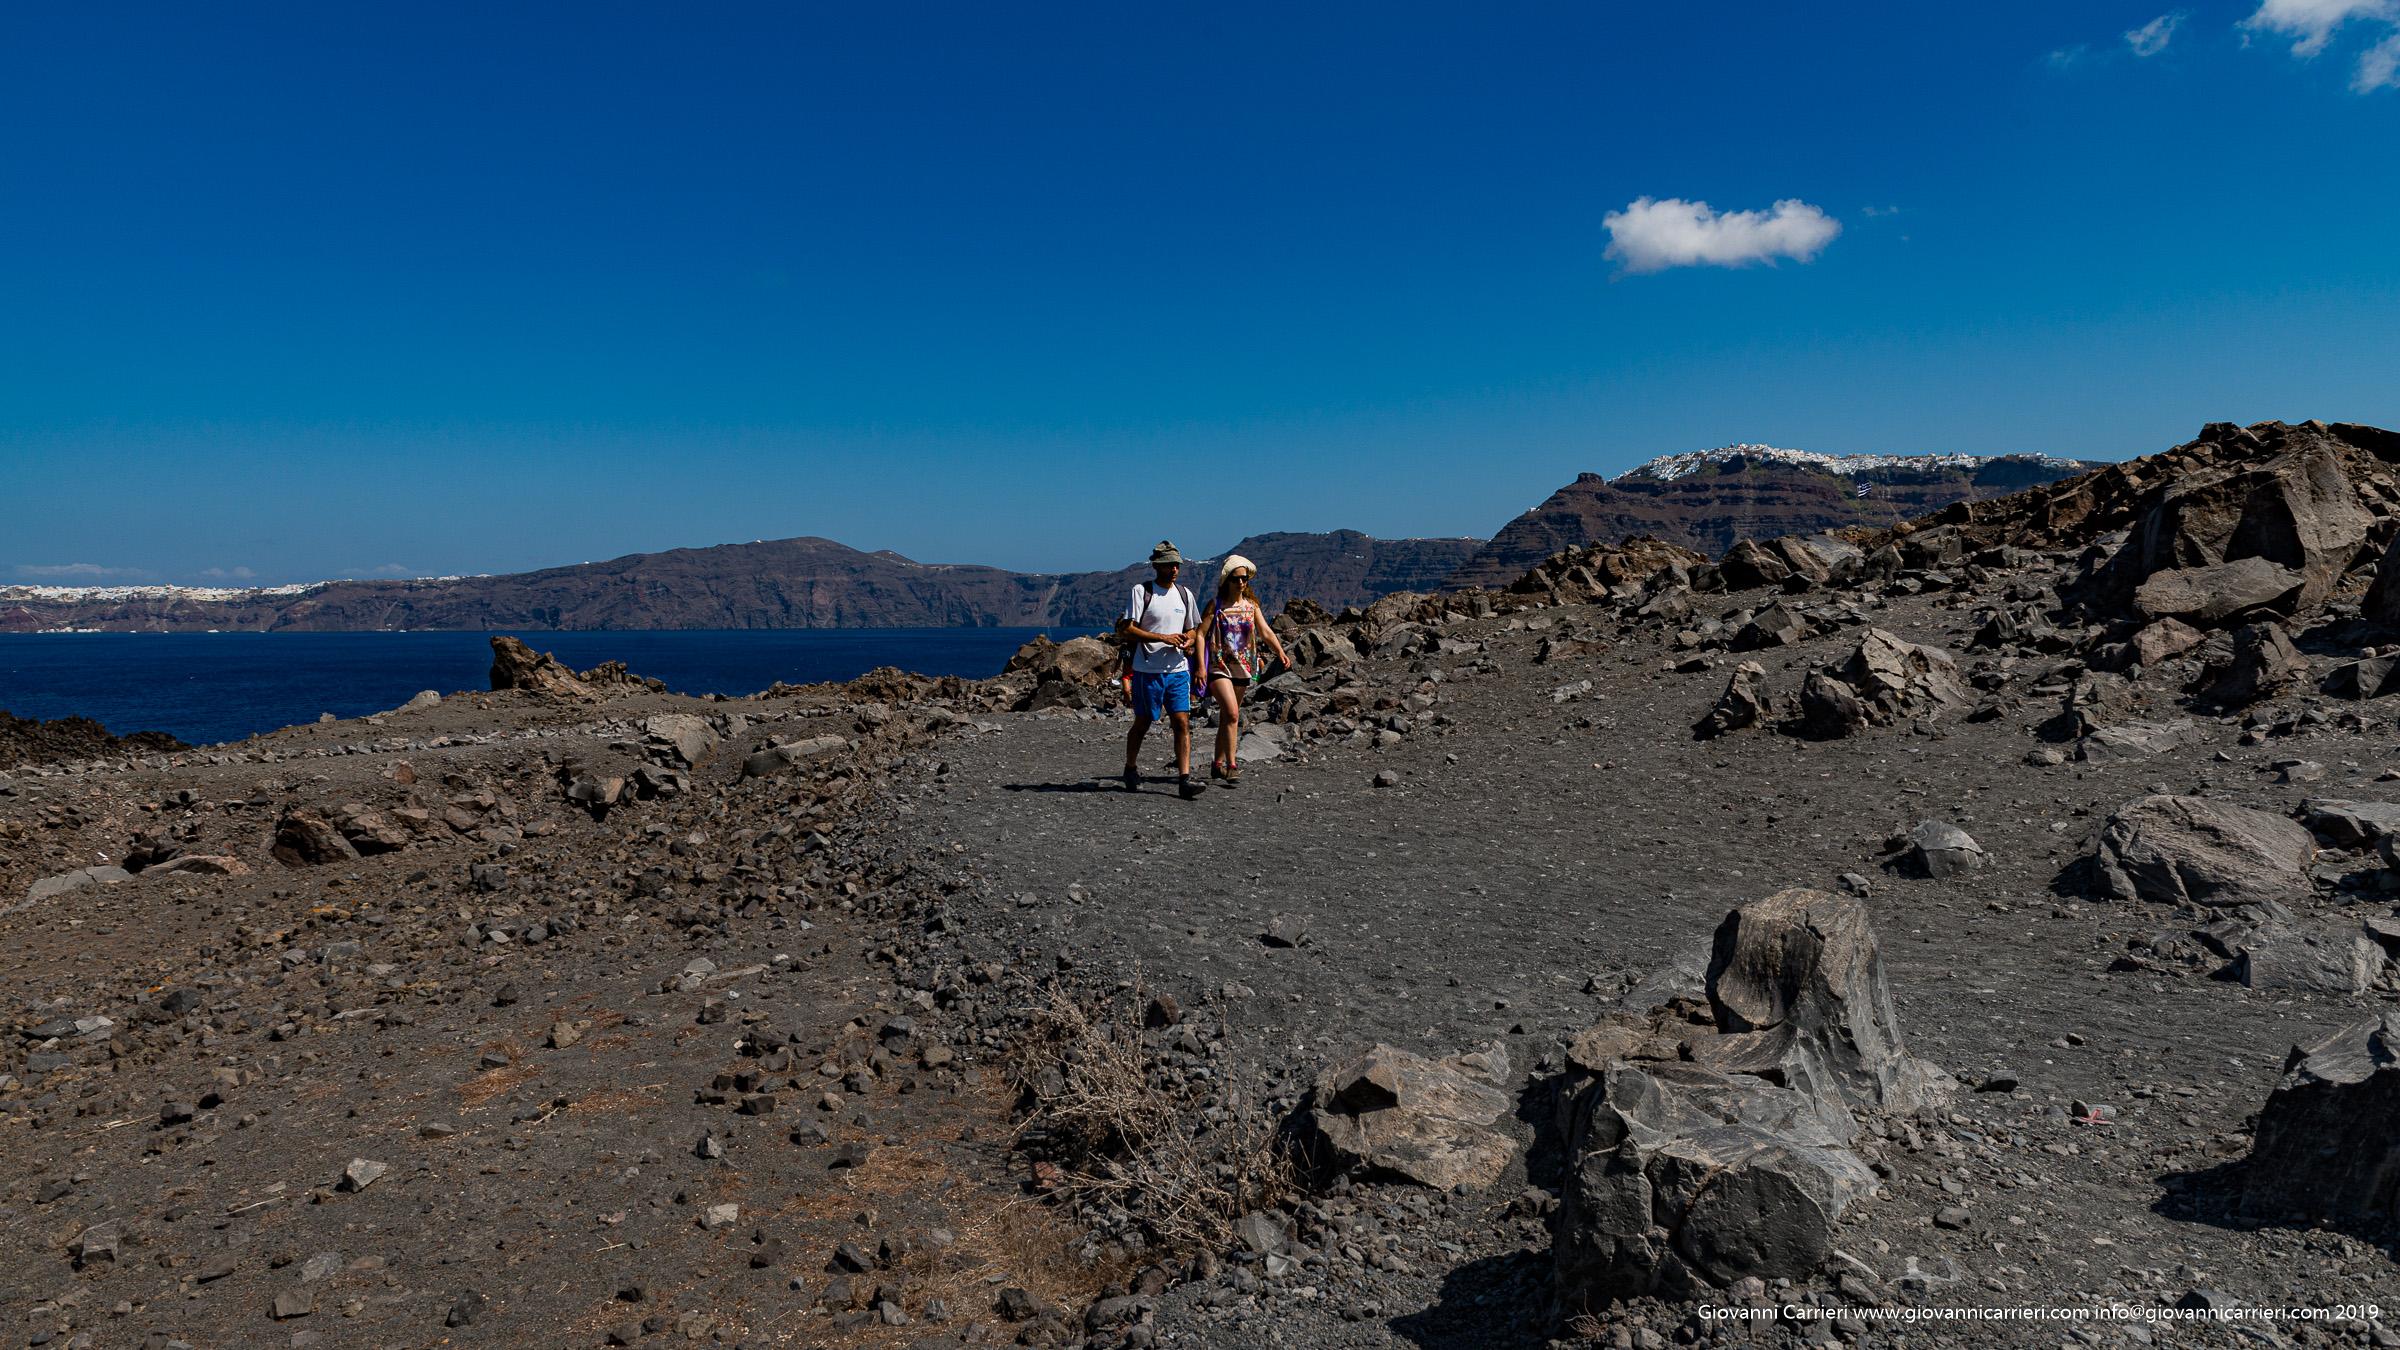 Passeggiando sul nuovo Vulcano posto al centro della Caldera di Santorini